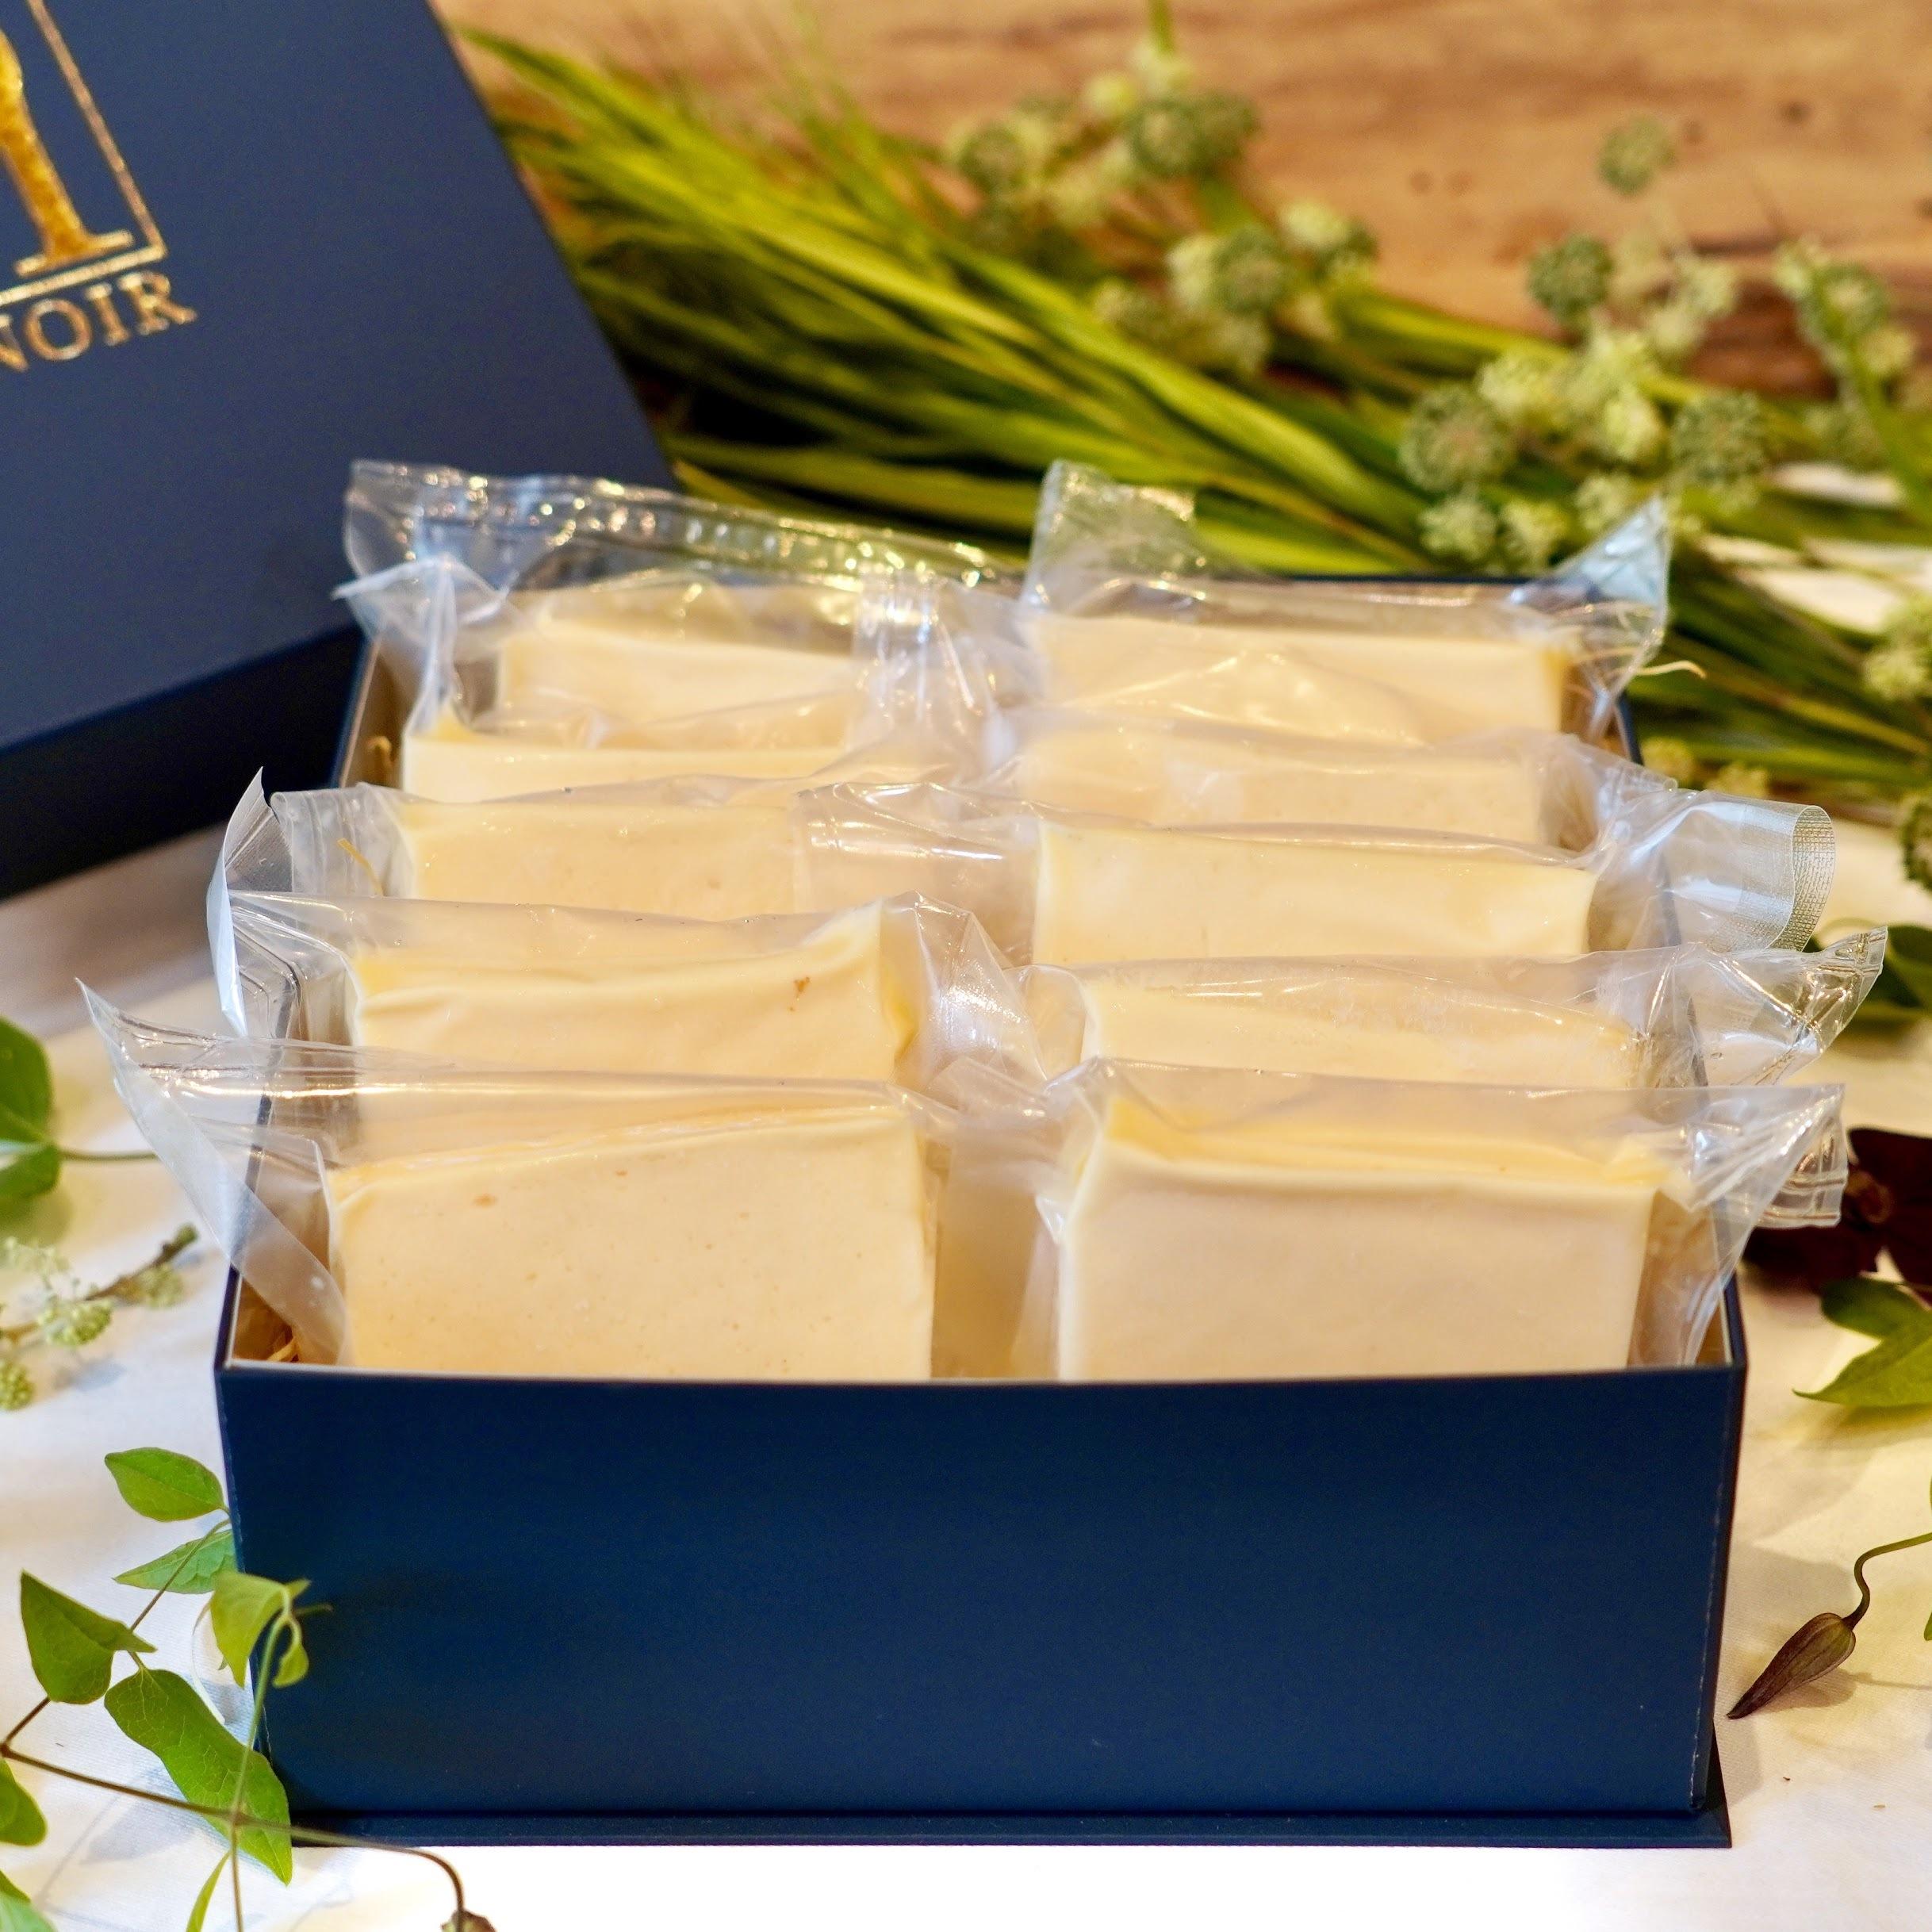 マノワのチーズケーキ10枚入りセット